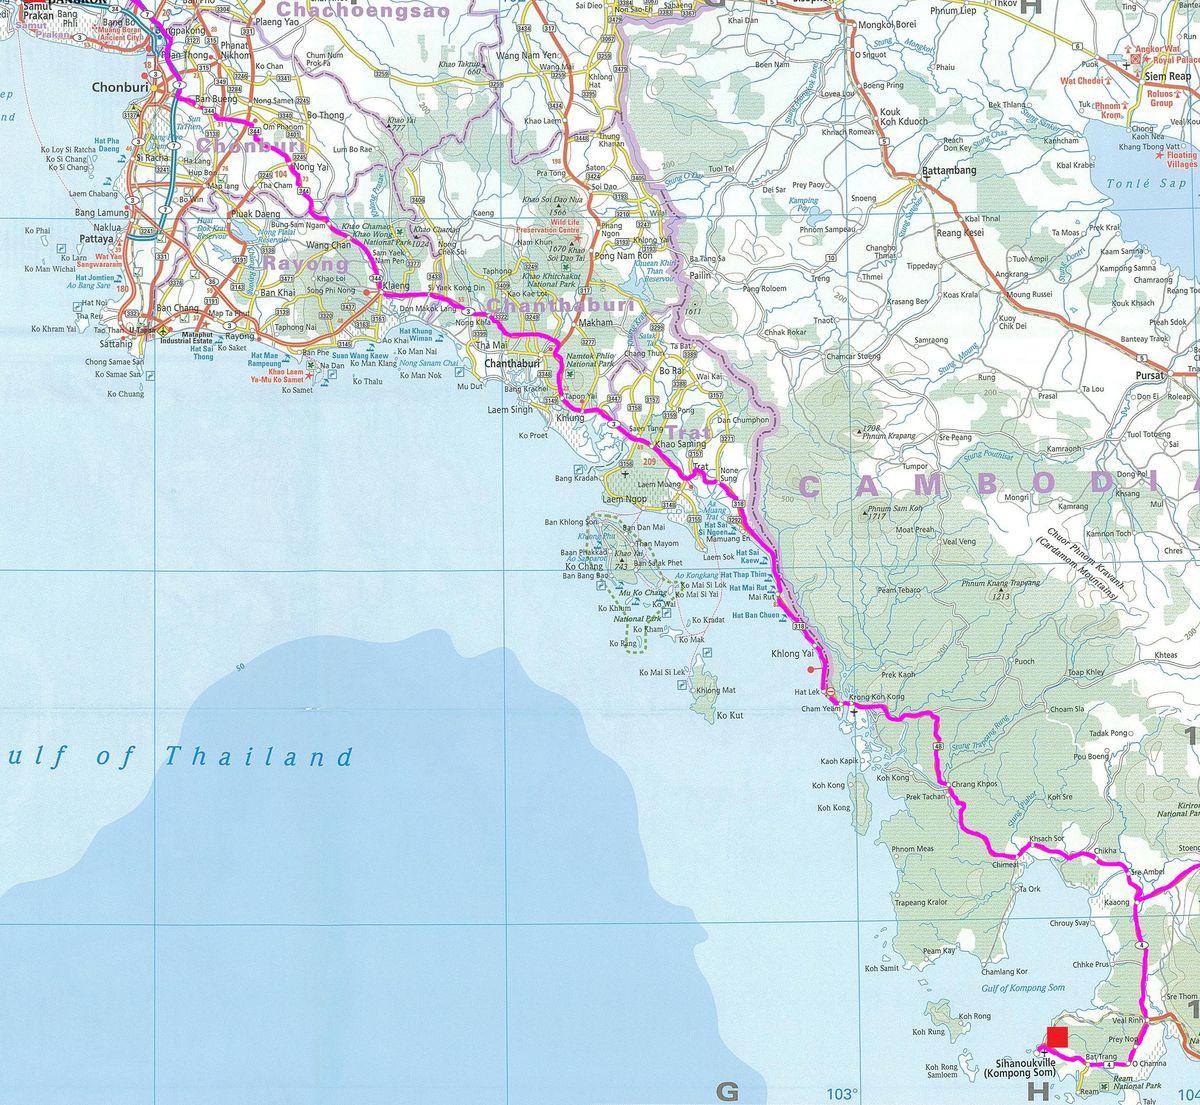 18-11-12_map